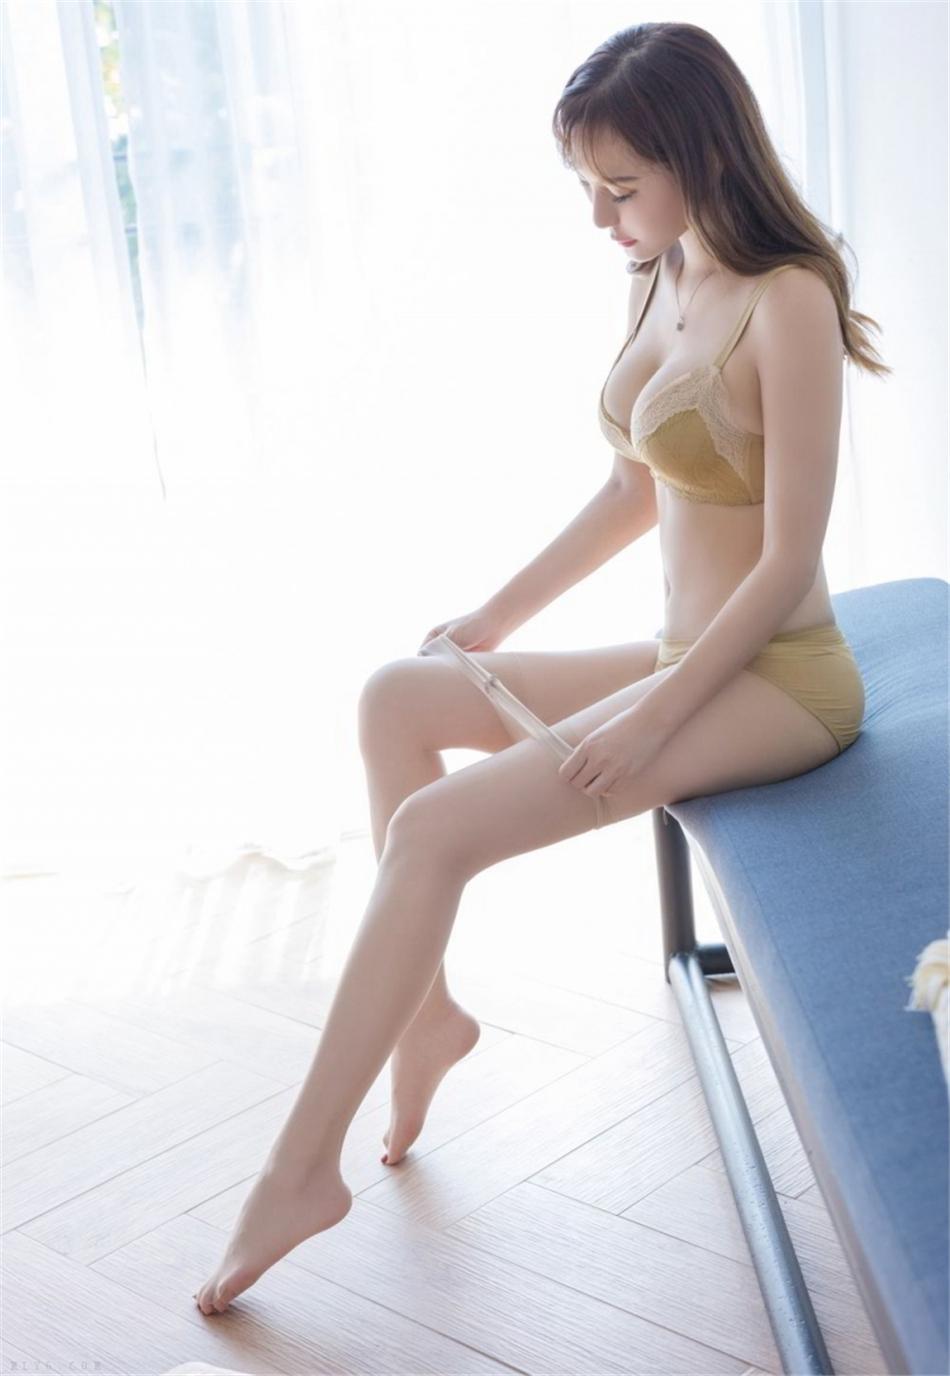 性感美女尤物蕾丝内衣诱惑写真